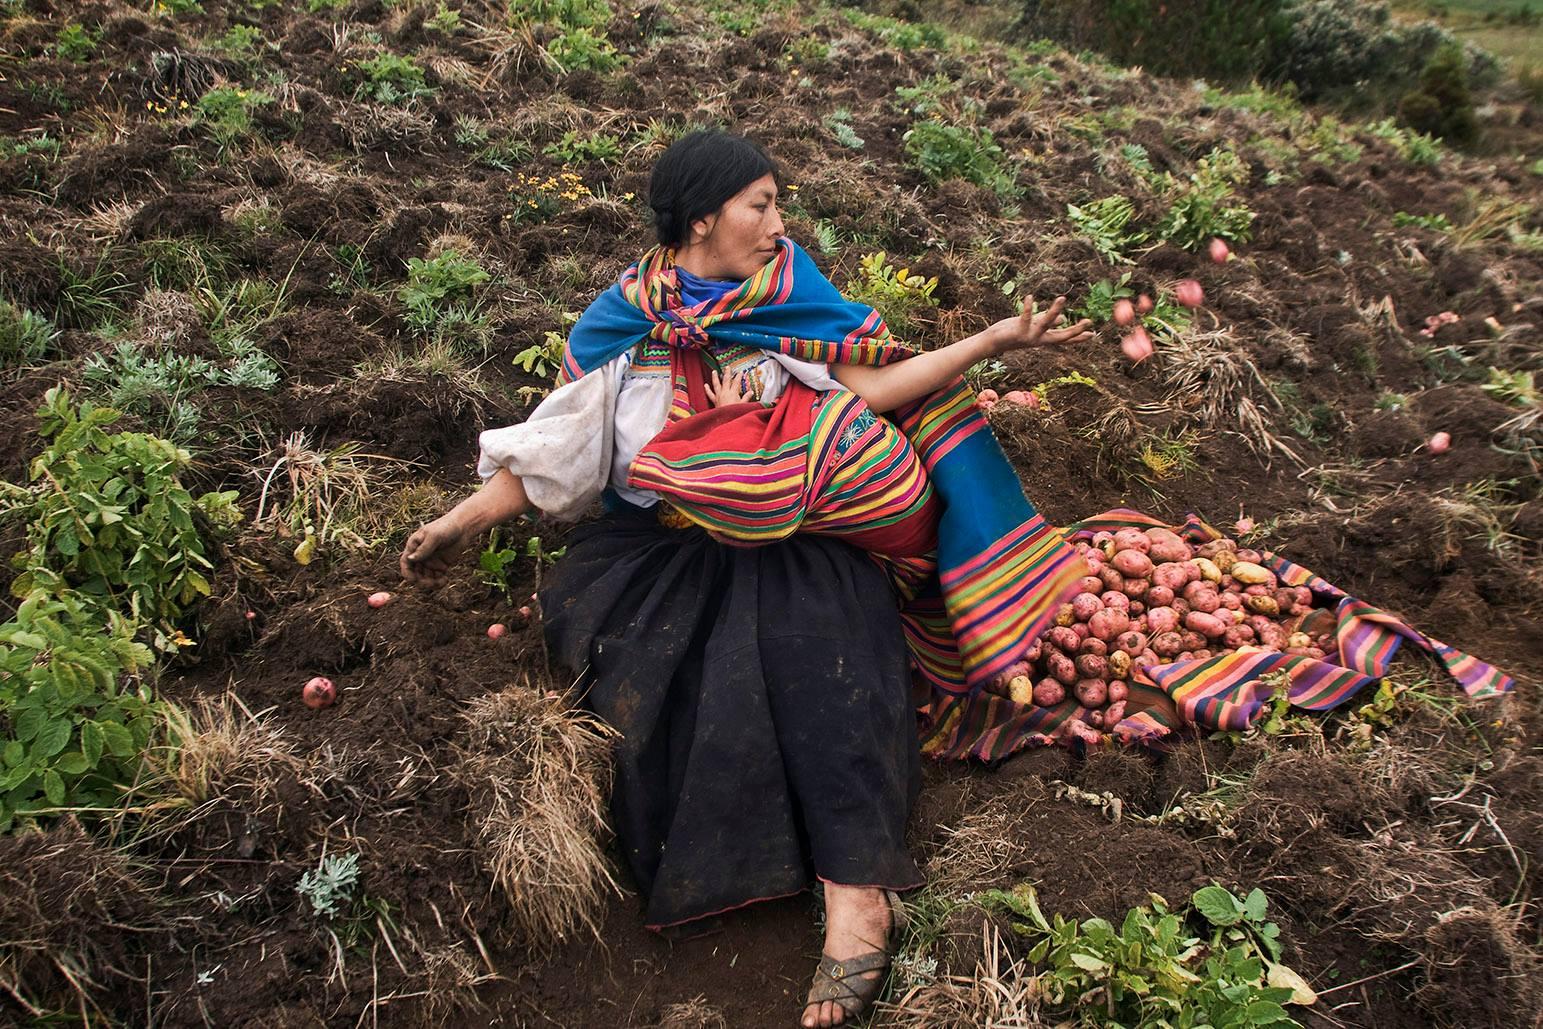 Avez-vous « la patate » ? par S. Cabrejos